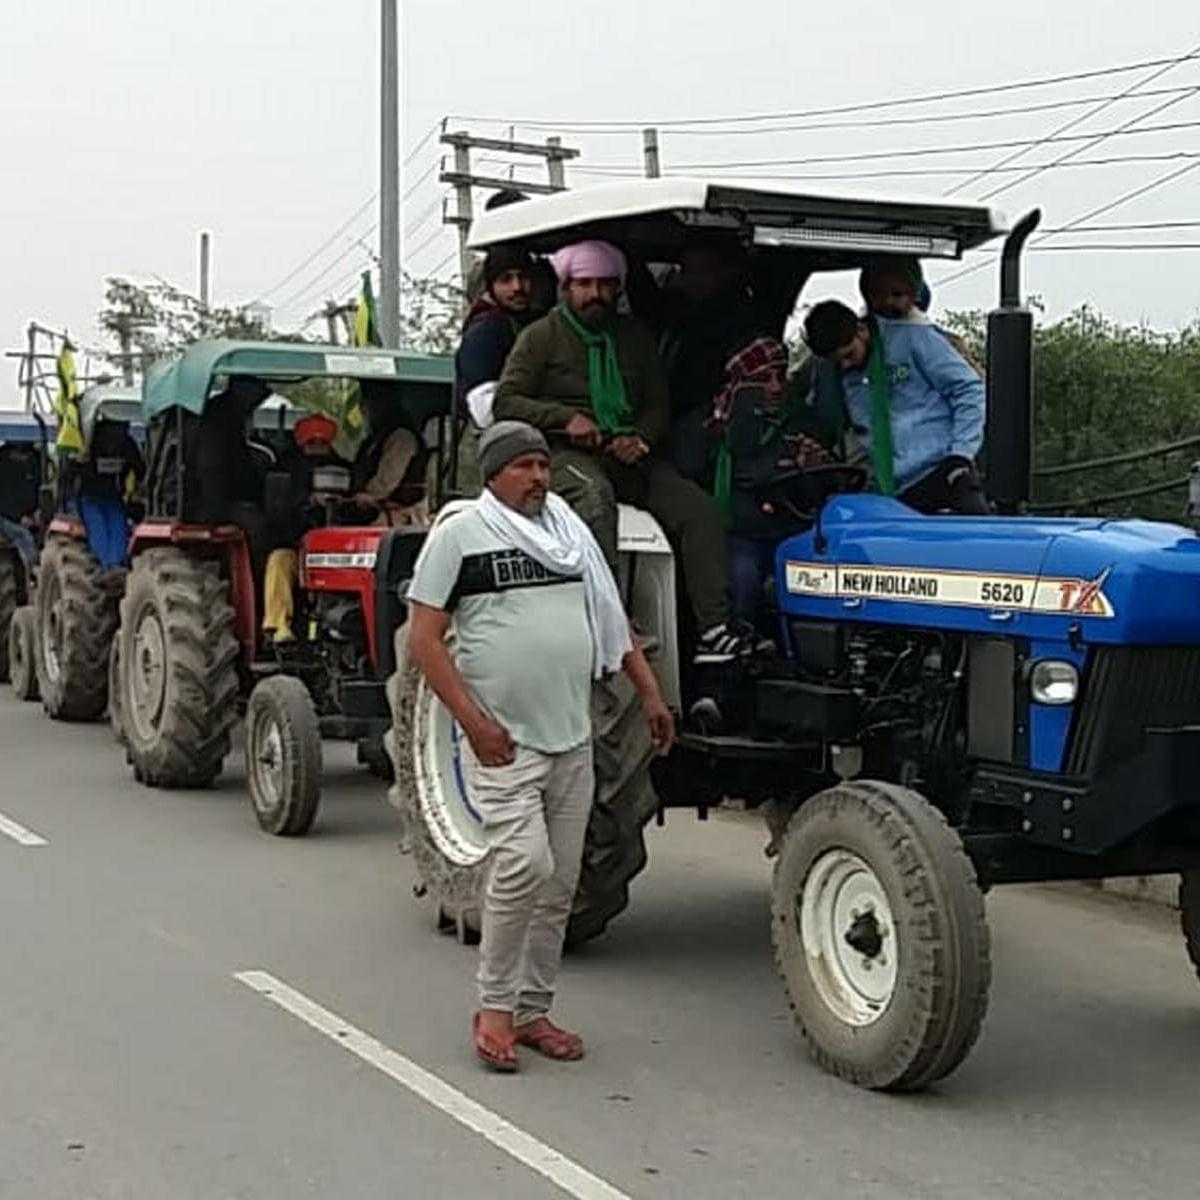 شاہراہ پر ٹریکٹر مارچ نکالتے کسان / تصویر قومی آواز / وپن